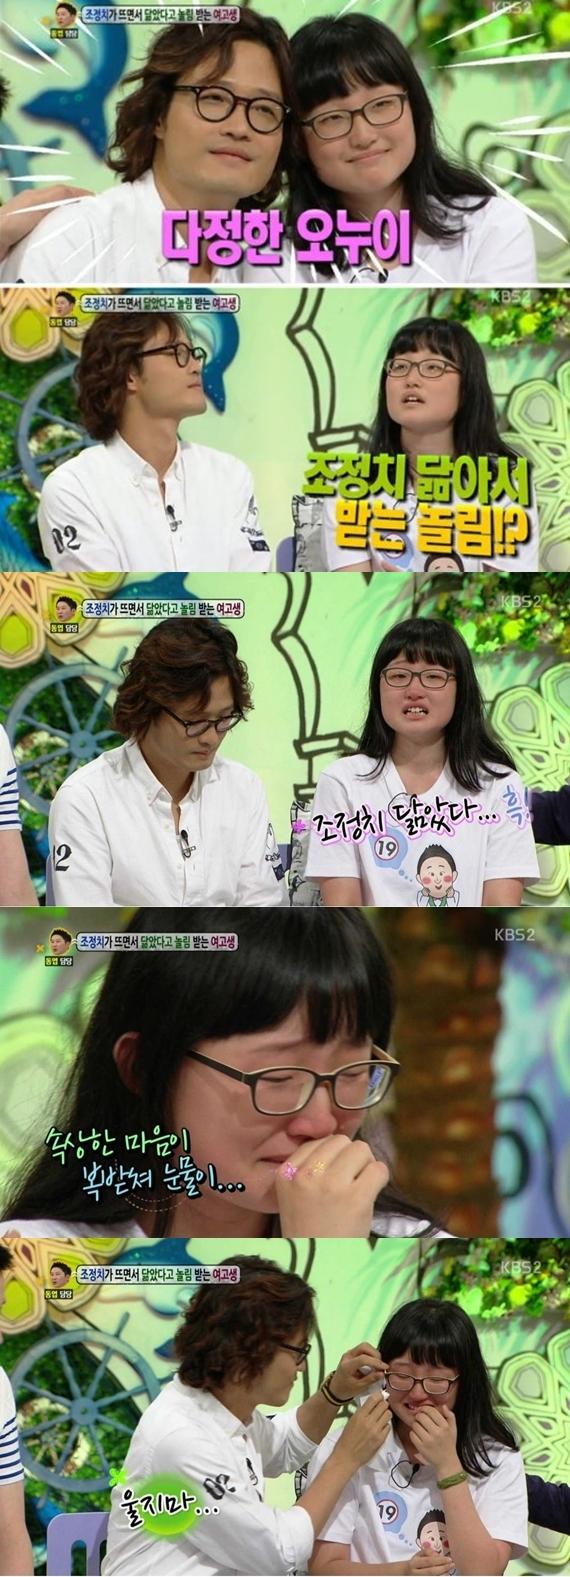 [사진=KBS2 '대국민 토크쇼 안녕하세요' 캡처]